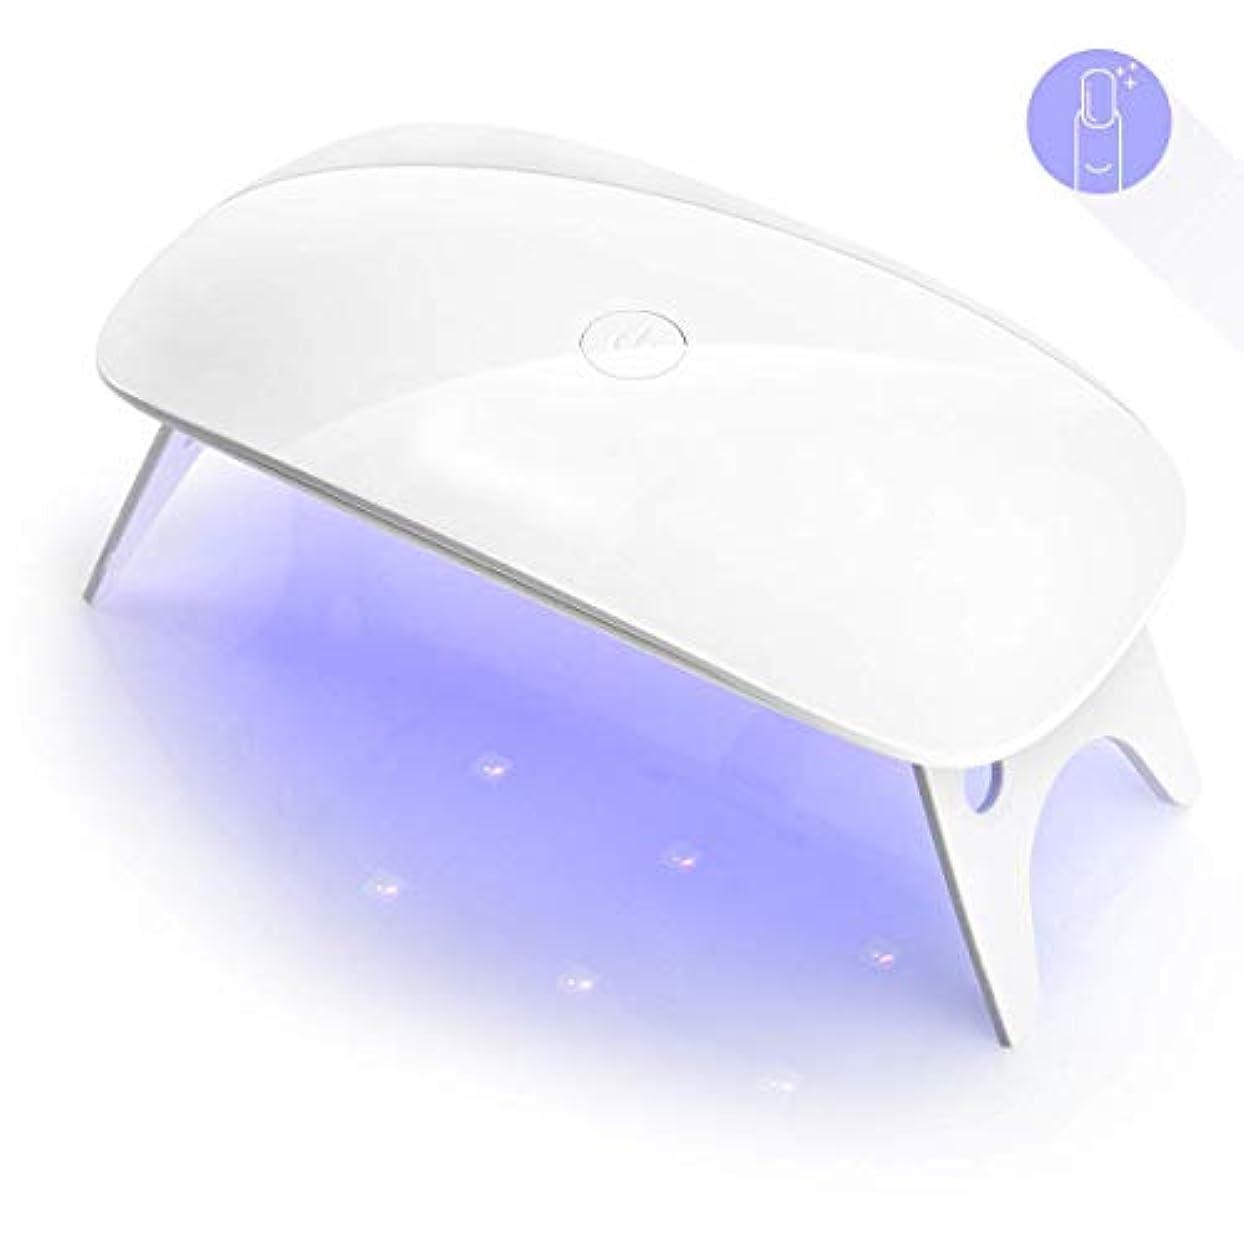 固有のその後抑制ZMiw LEDネイルドライヤー UVライト タイマー設定可能 折りたたみ式手足とも使える 人感センサー式 LED 硬化ライト UV と LEDダブルライト ジェルネイル用 ホワイト (white)